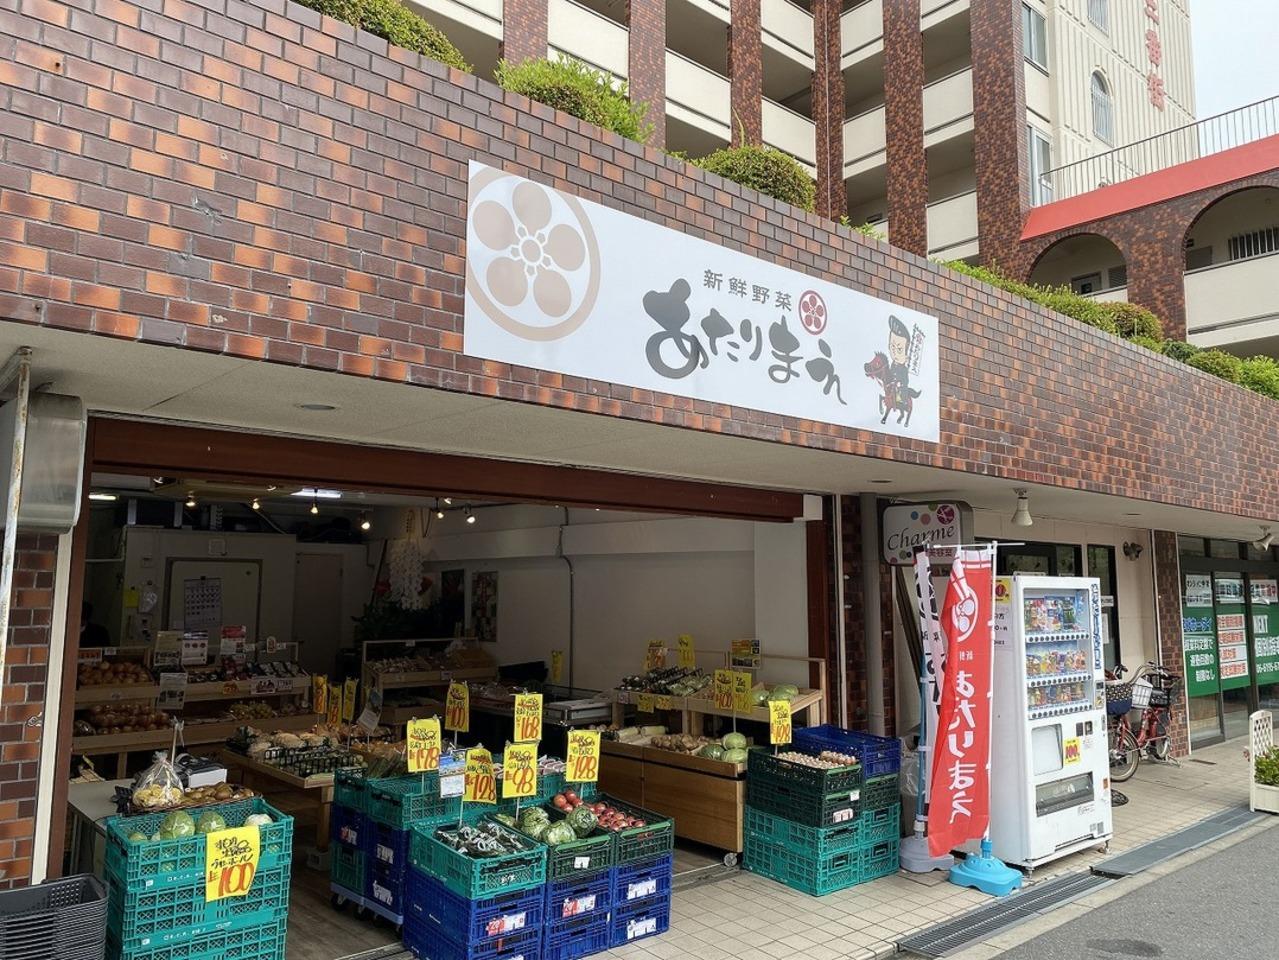 大阪市東淀川区のライフ豊里店前に八百屋『新鮮野菜 あたりまえ』が6/19にオープンされました。。